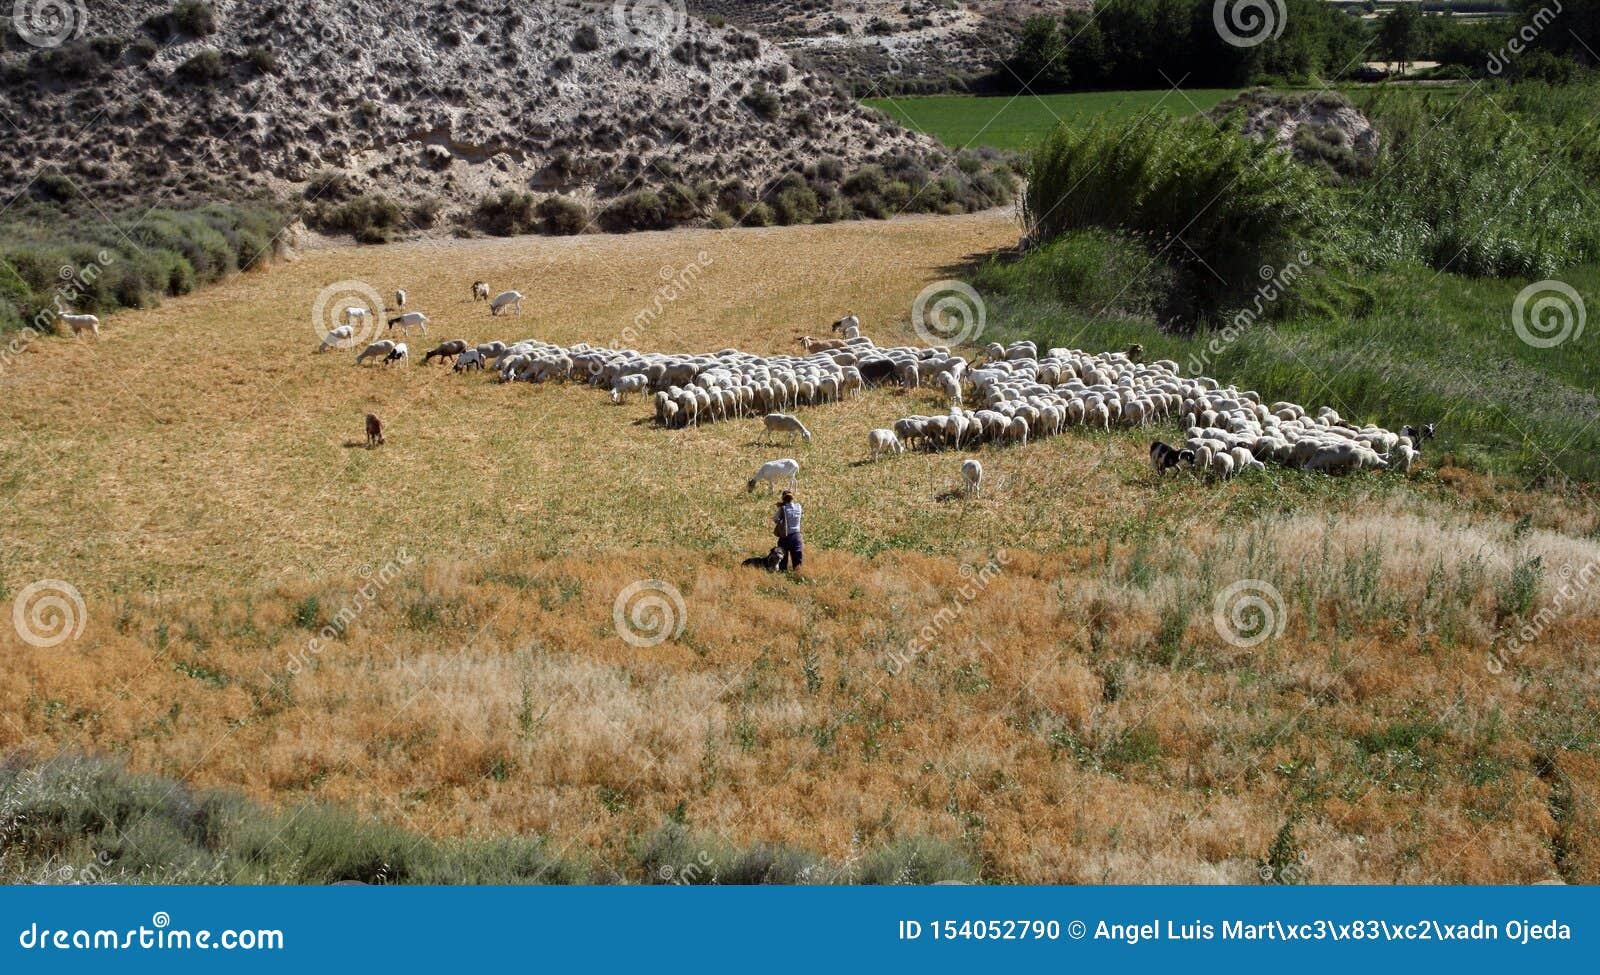 Herder en een troep van schapen